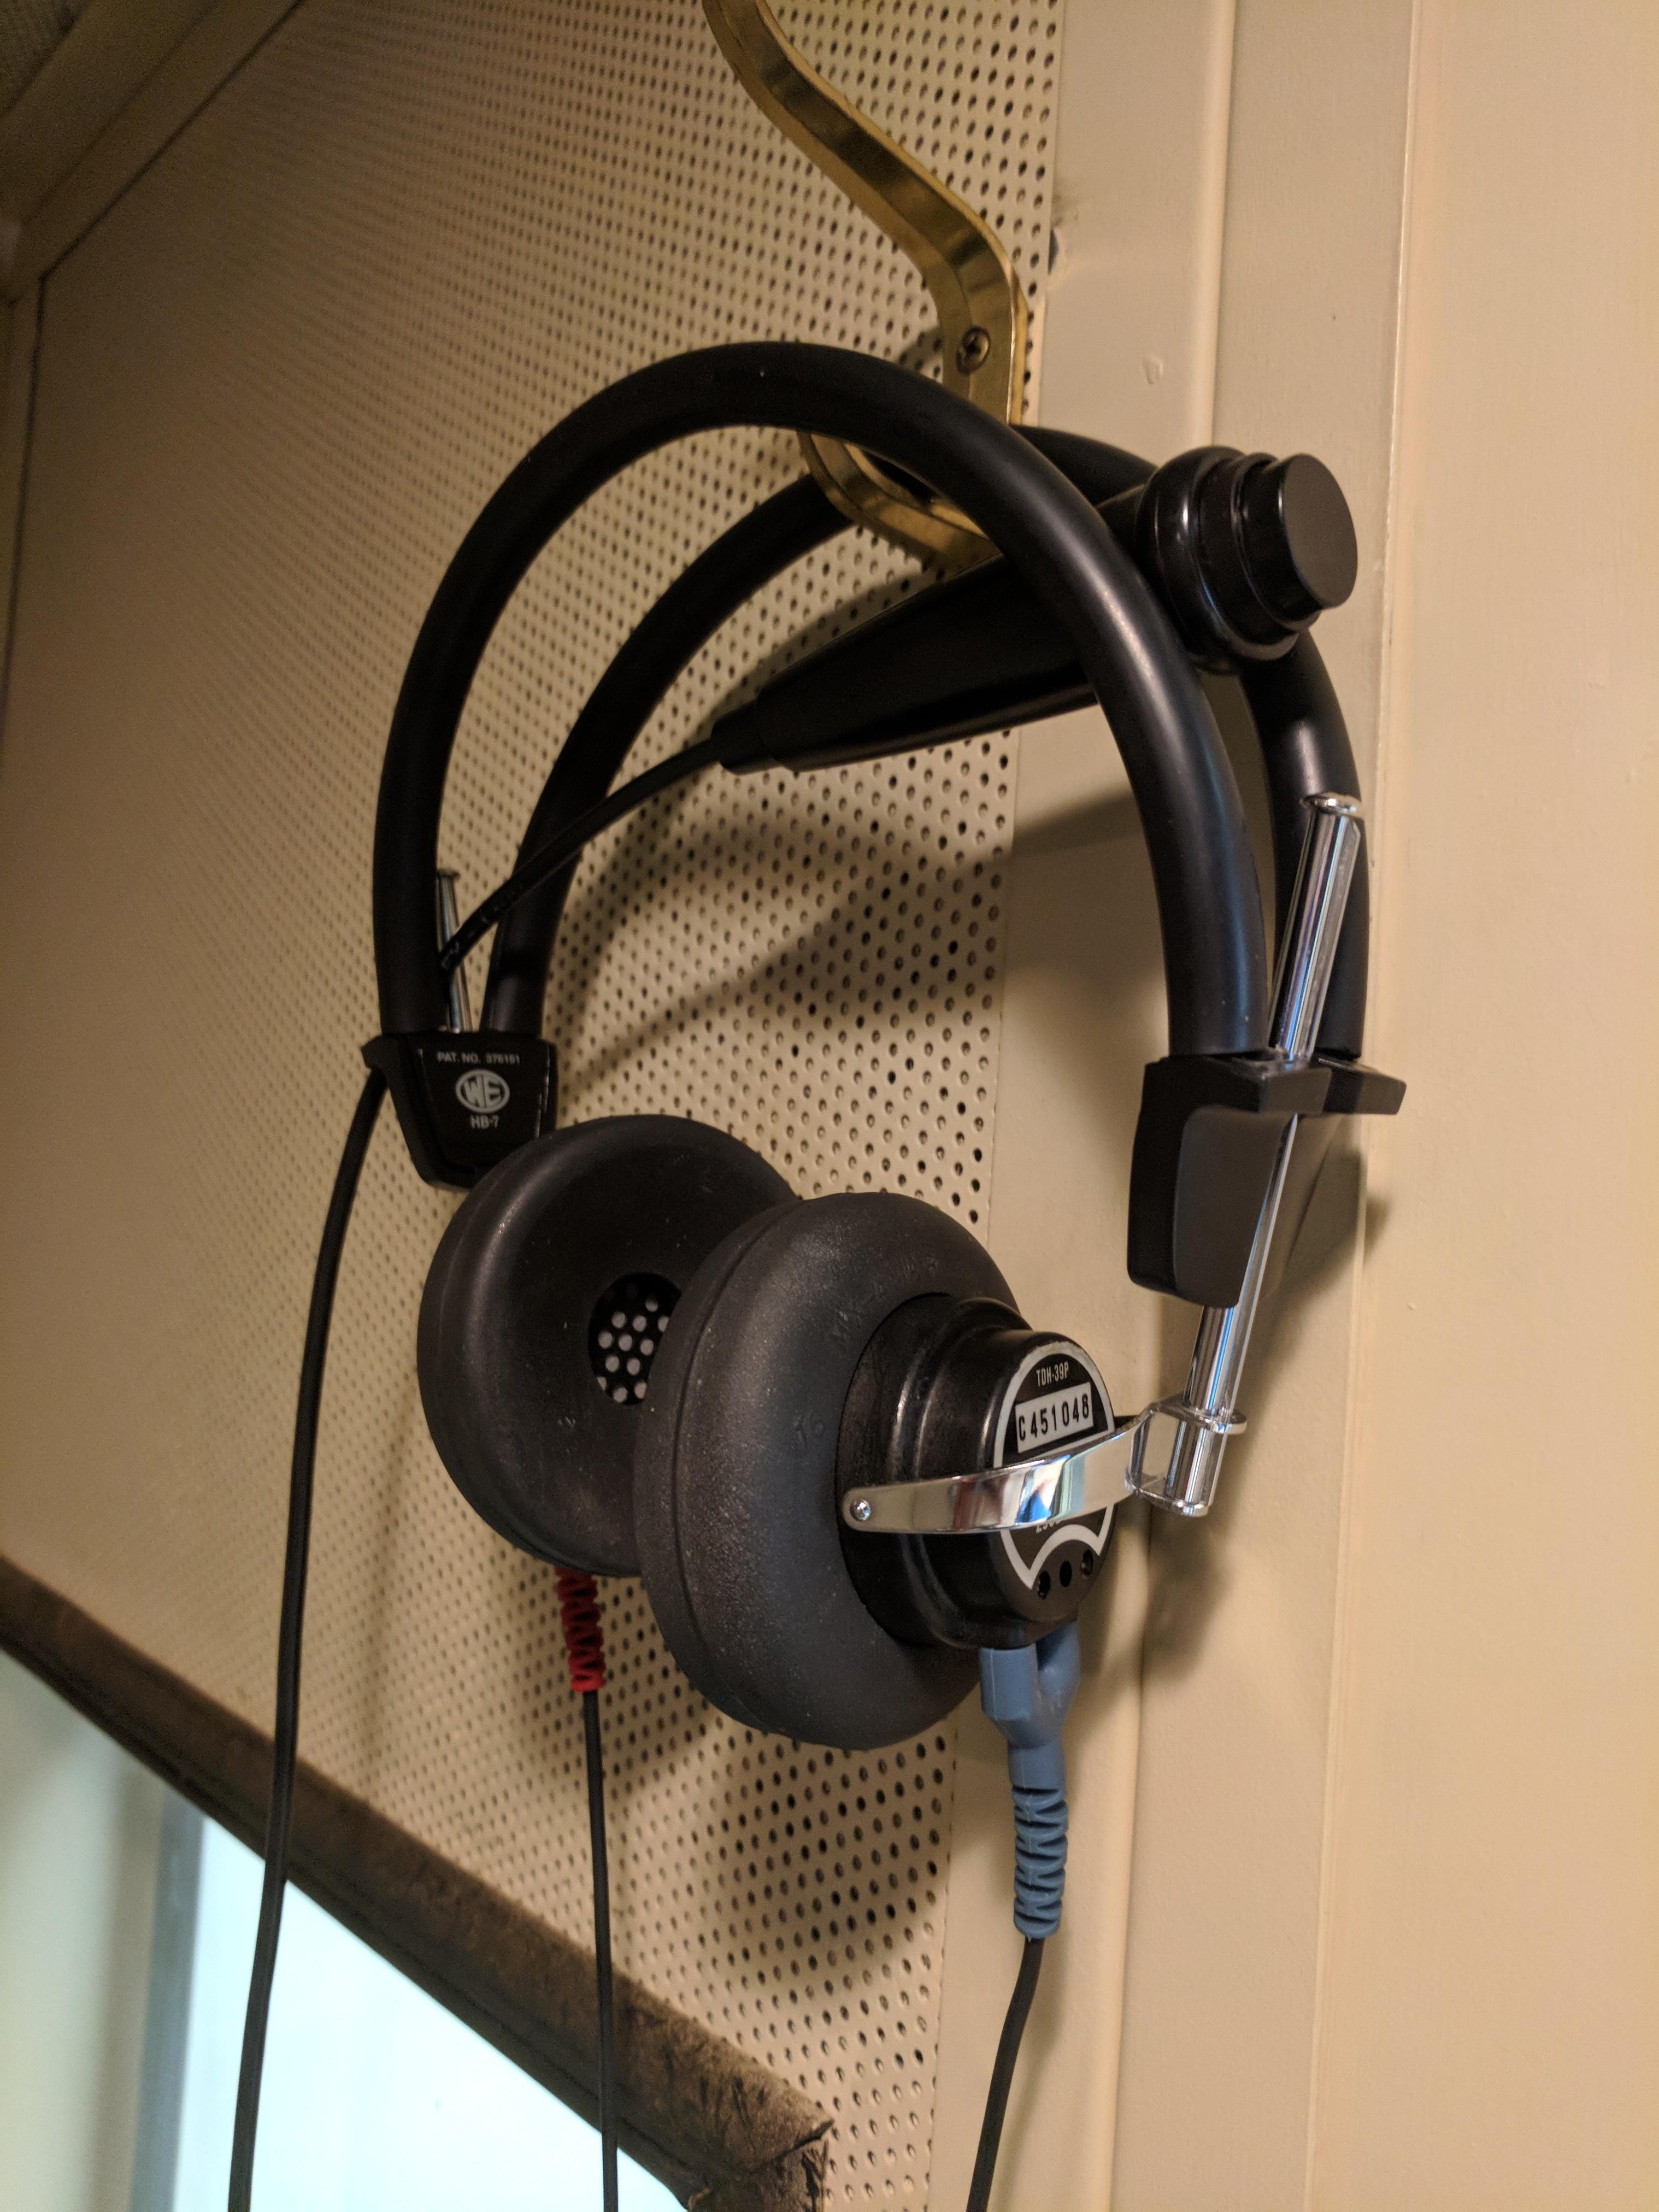 Returning Hearing Evaluation